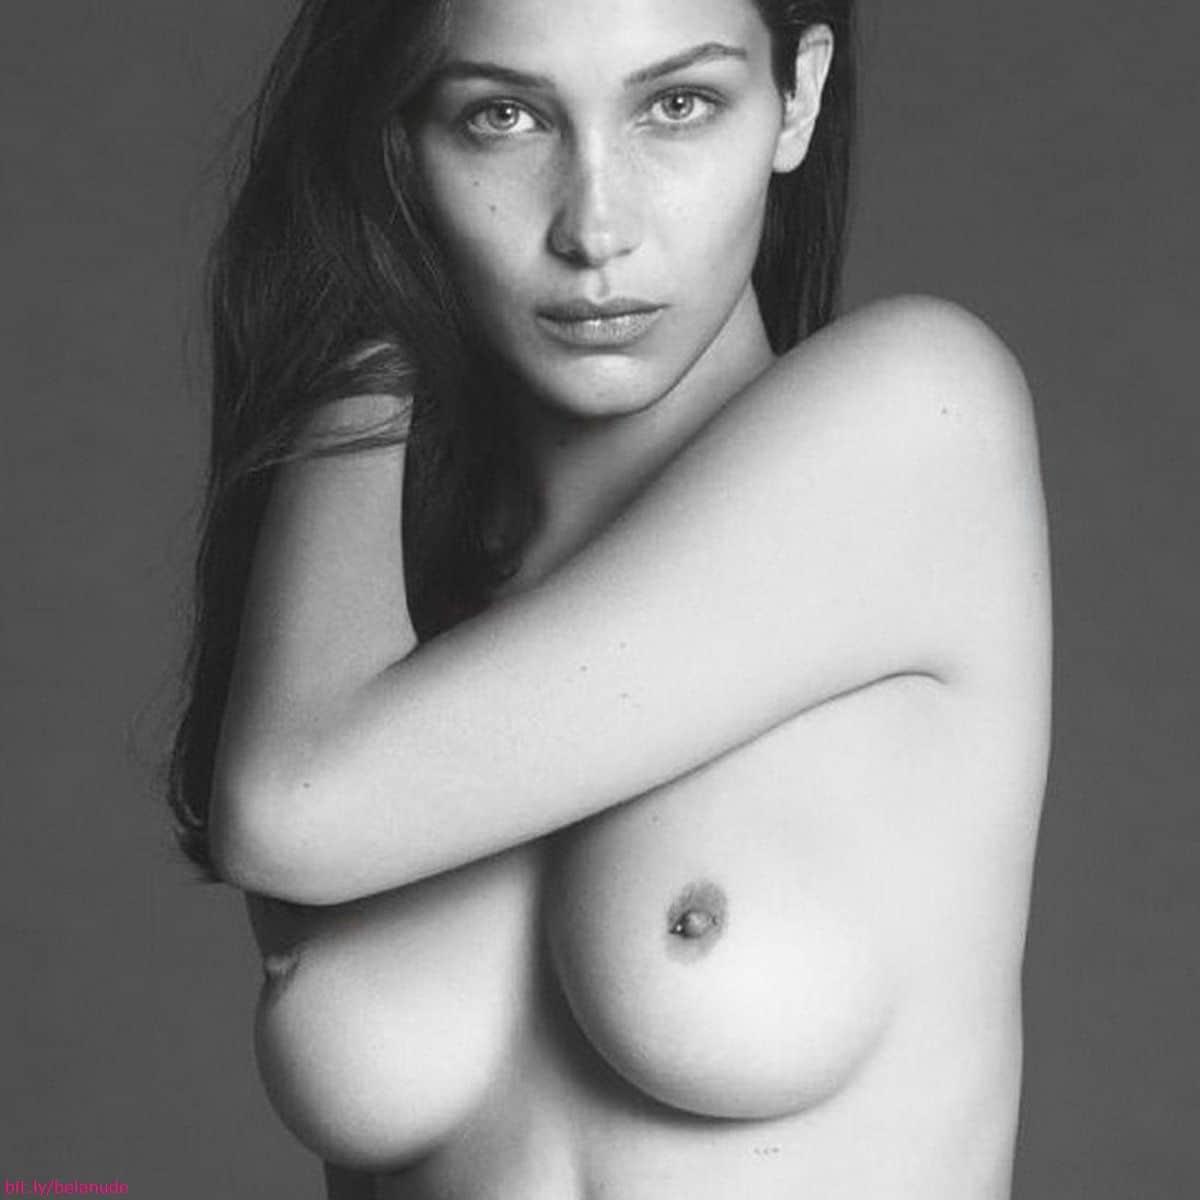 Teen girl naked